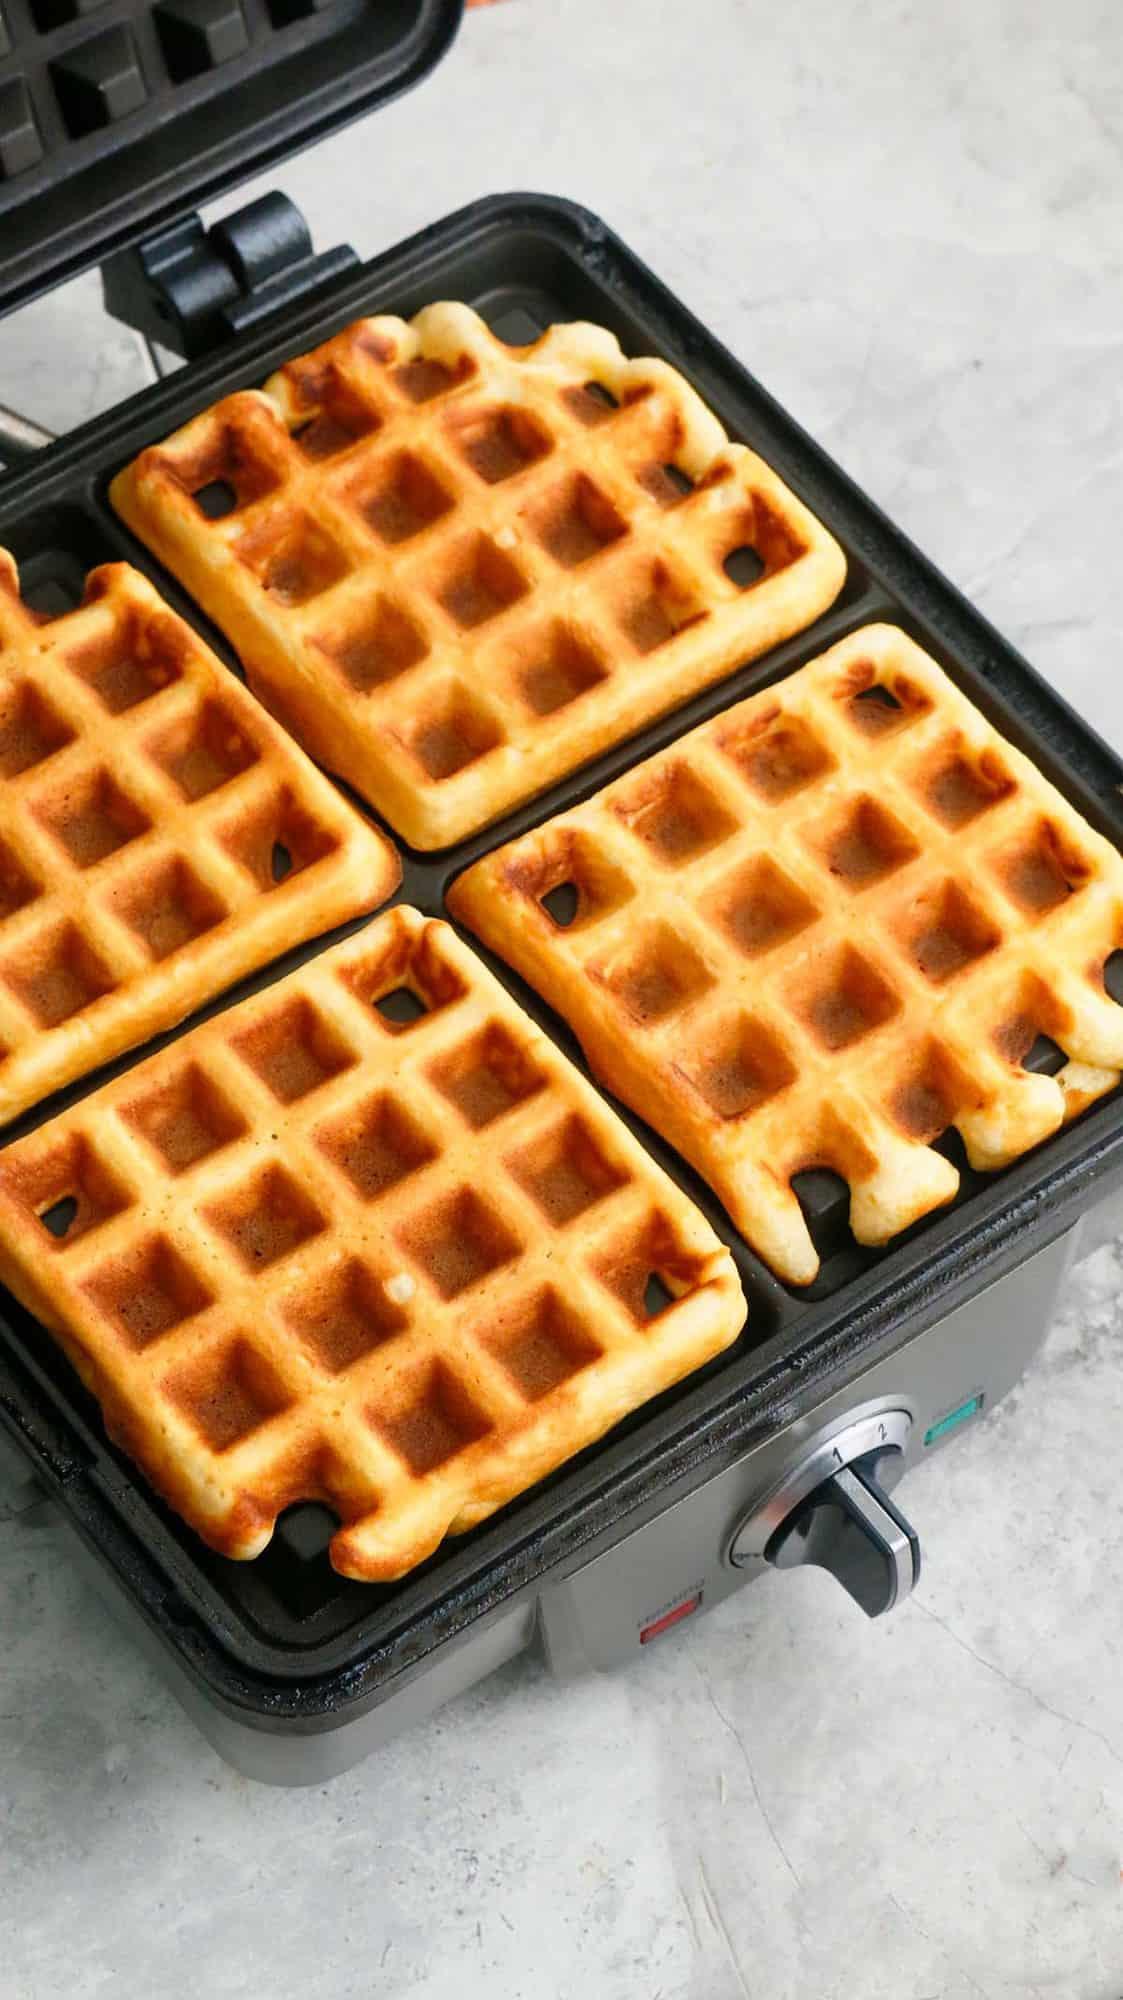 hot Belgian waffles on a waffle iron.